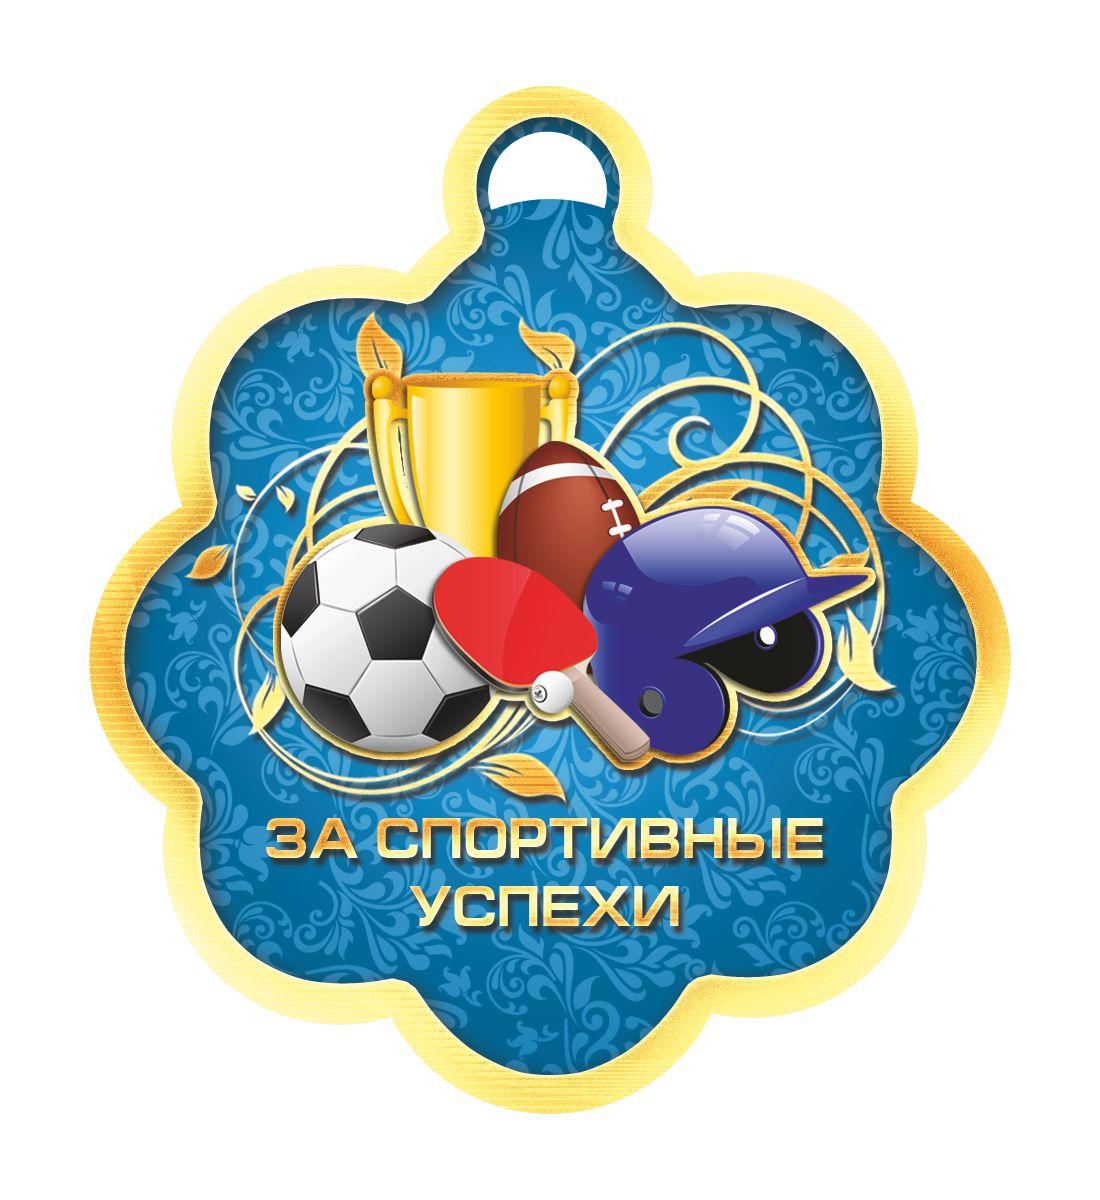 Открытка-медаль За спортивные успехи. 13511351Открыткой-медалью можно отметить и отличившегося школьника, и лучшего работника, и победителя соревнования. Прекрасный выбор для создания атмосферы праздника.